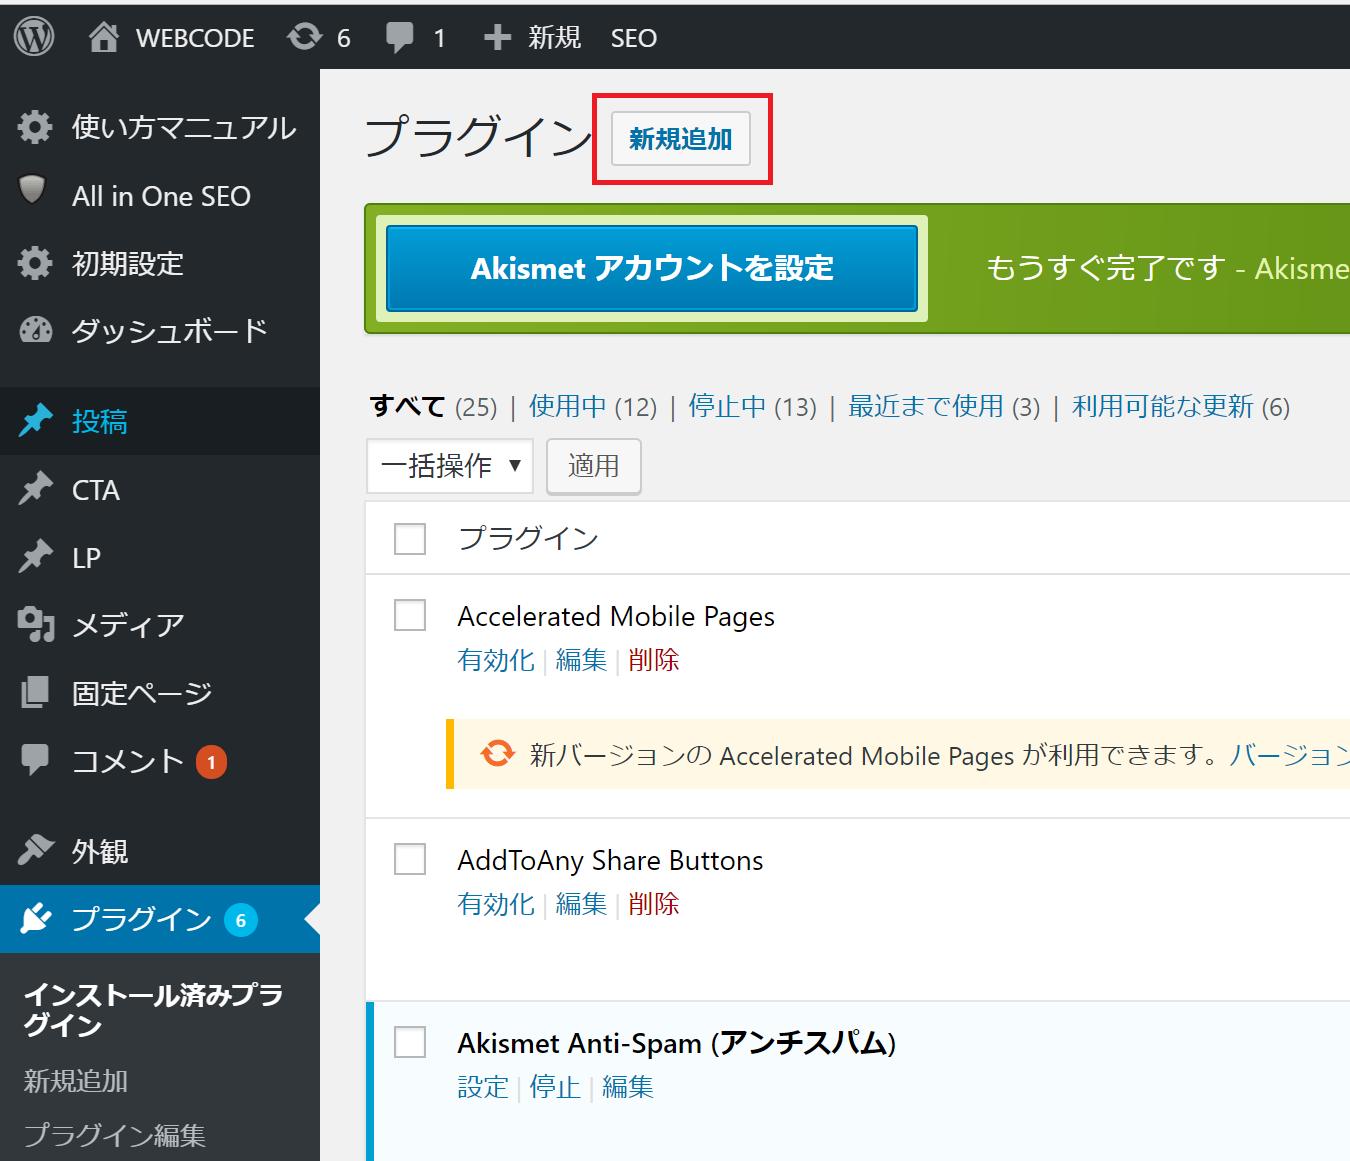 plugin - WordPress Popular Postsの設定・日本語化・カスタマイズ方法のまとめ